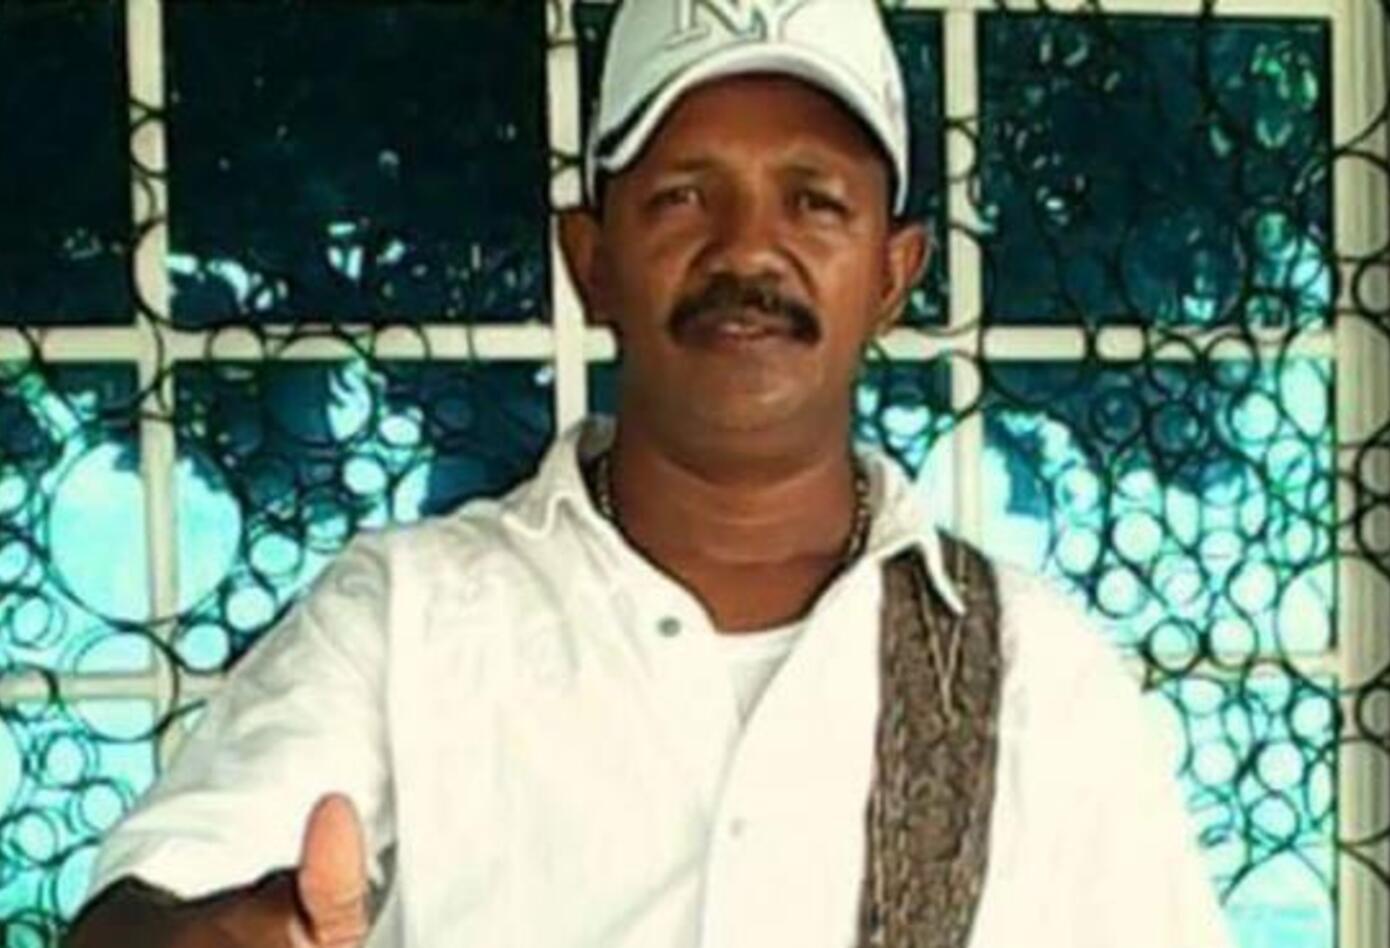 Septiembre de 2018. Adolfo Enrique Arrieta asesinó a la pequeña Génesis Rúa. No contento con haberla matado hizo una hoguera para quemar sus restos.